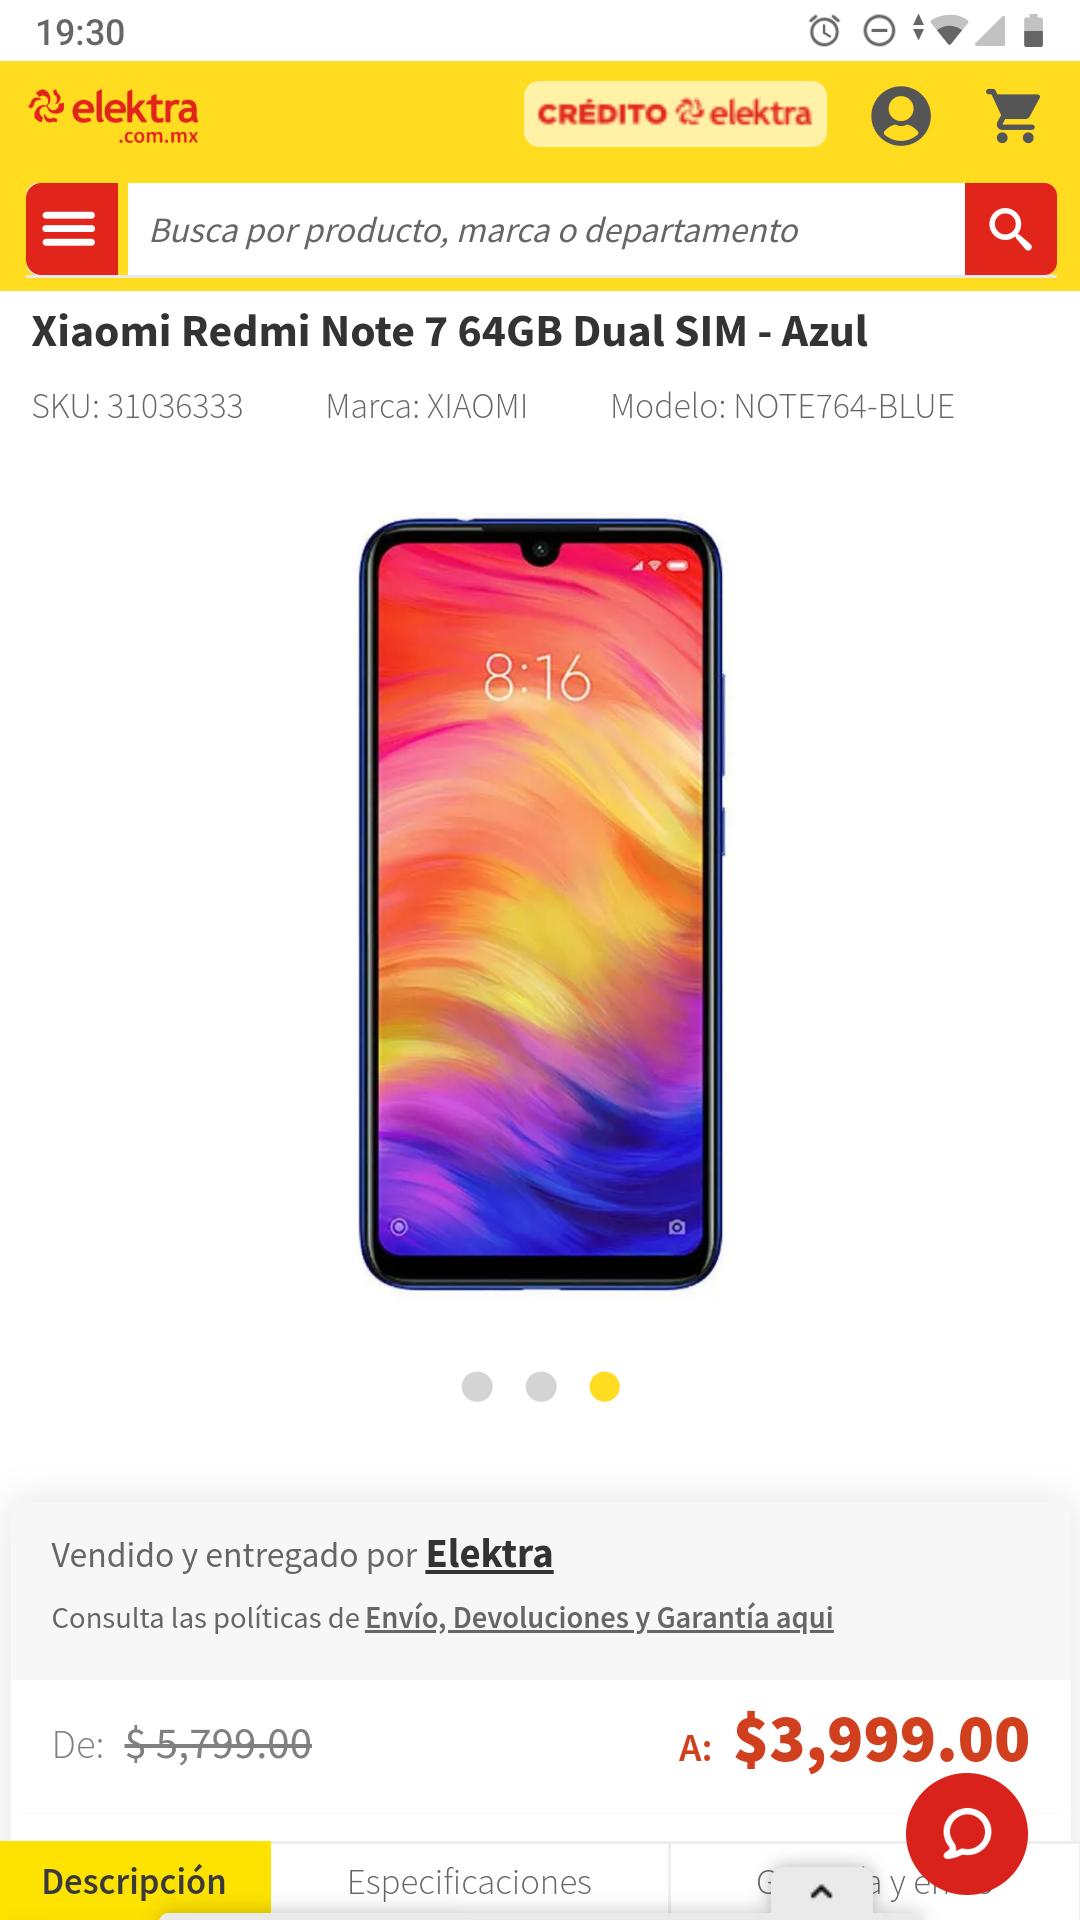 Elektra: Xiaomi Redmi Note 7 64GB Dual Con Banco Azteca